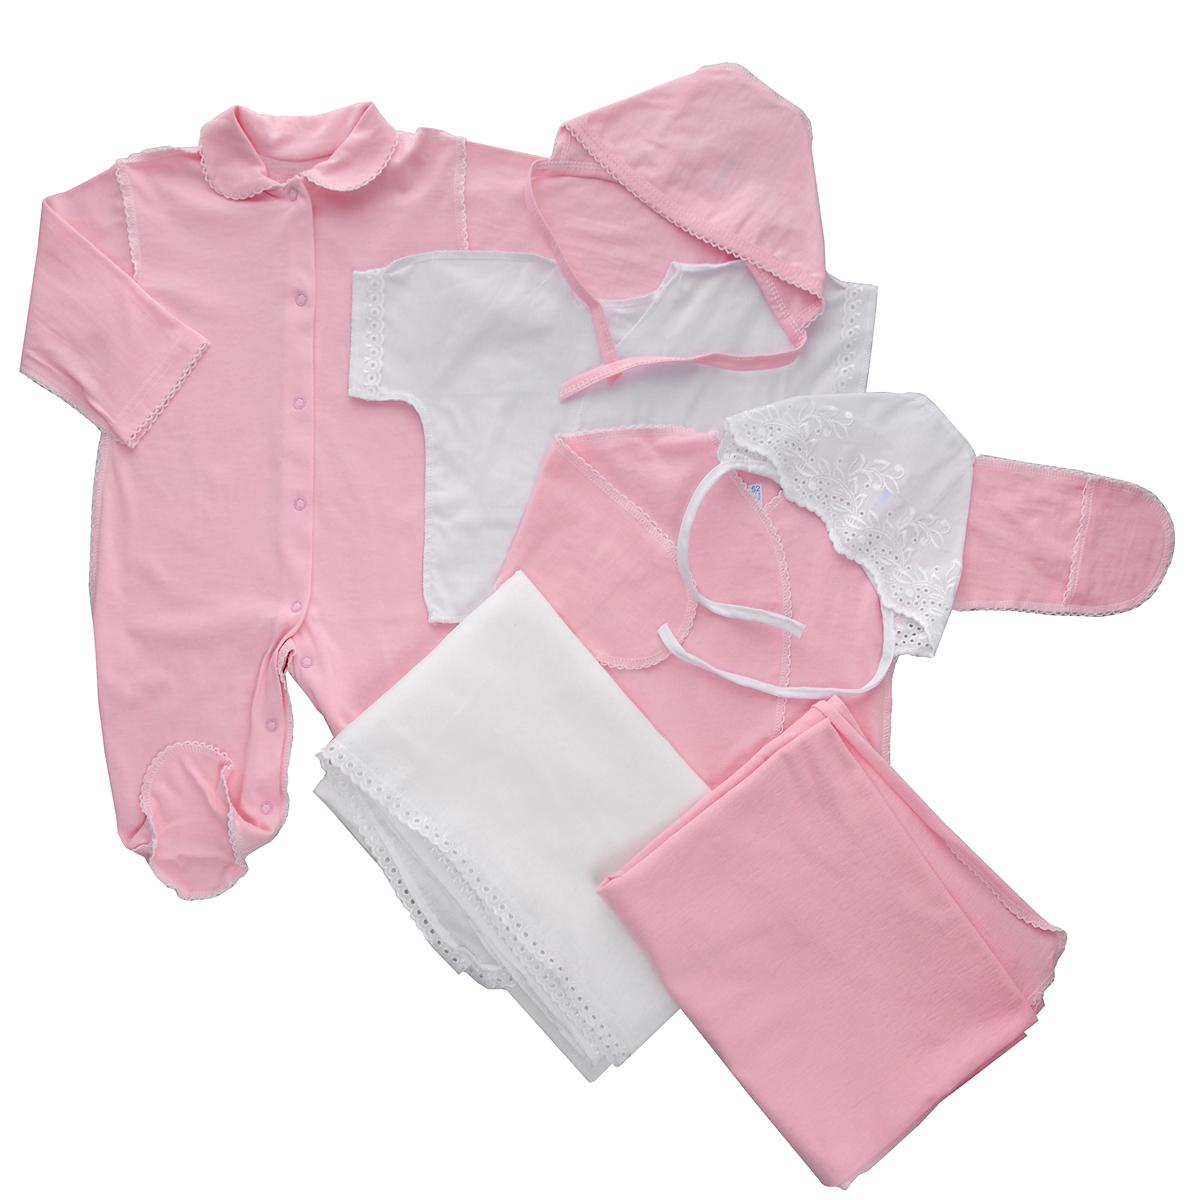 Комплект для новорожденного Трон-Плюс, 7 предметов, цвет: белый, розовый. 3472. Размер 56, 1 месяц3472Комплект для новорожденного Трон-плюс - это замечательный подарок, который прекрасно подойдет для первых дней жизни малыша. Комплект состоит из комбинезона, двух распашонок, двух чепчиков и двух пеленок. Комплект изготовлен из натурального хлопка, благодаря чему он необычайно мягкий и приятный на ощупь, не сковывает движения младенца и позволяет коже дышать, не раздражает даже самую нежную и чувствительную кожу ребенка, обеспечивая ему наибольший комфорт. Легкая распашонка с короткими рукавами выполнена швами наружу. Изделие украшено вышивкой, а рукава декорированы ажурными рюшами.Распашонка с длинными рукавами и с запахом выполнена швами наружу. Оформлено изделие ажурными петельками. Рукава дополнены рукавичками, которые обеспечат вашему малышу комфорт во время сна и бодрствования, предохраняя нежную кожу новорожденного от расцарапывания. Рукавички можно завернуть. Чепчик защищает еще не заросший родничок, щадит чувствительный слух малыша, прикрывая ушки, и предохраняет от теплопотерь. Комплект содержит два чепчика: один - легкий мягкий чепчик с завязками выполнен швами наружу и украшен вышивками, а второй - легкий мягкий чепчик также выполнен швами наружу и украшен ажурными рюшами. Очаровательный комбинезон с длинными рукавами, закрытыми ножками и отложным воротничком имеет застежки-кнопки по всей длине и на ластовице, которые помогают с легкостью переодеть ребенка или сменить подгузник. Комбинезон выполнен швами наружу и украшен ажурными петельками. Пеленка станет незаменимым помощником в деле ухода за ребенком. В комплект входят две пеленки, одна из которых украшена вышивкой и ажурными рюшами, а другая - ажурными петельками. В таком комплекте ваш малыш будет чувствовать себя комфортно, уютно и всегда будет в центре внимания!